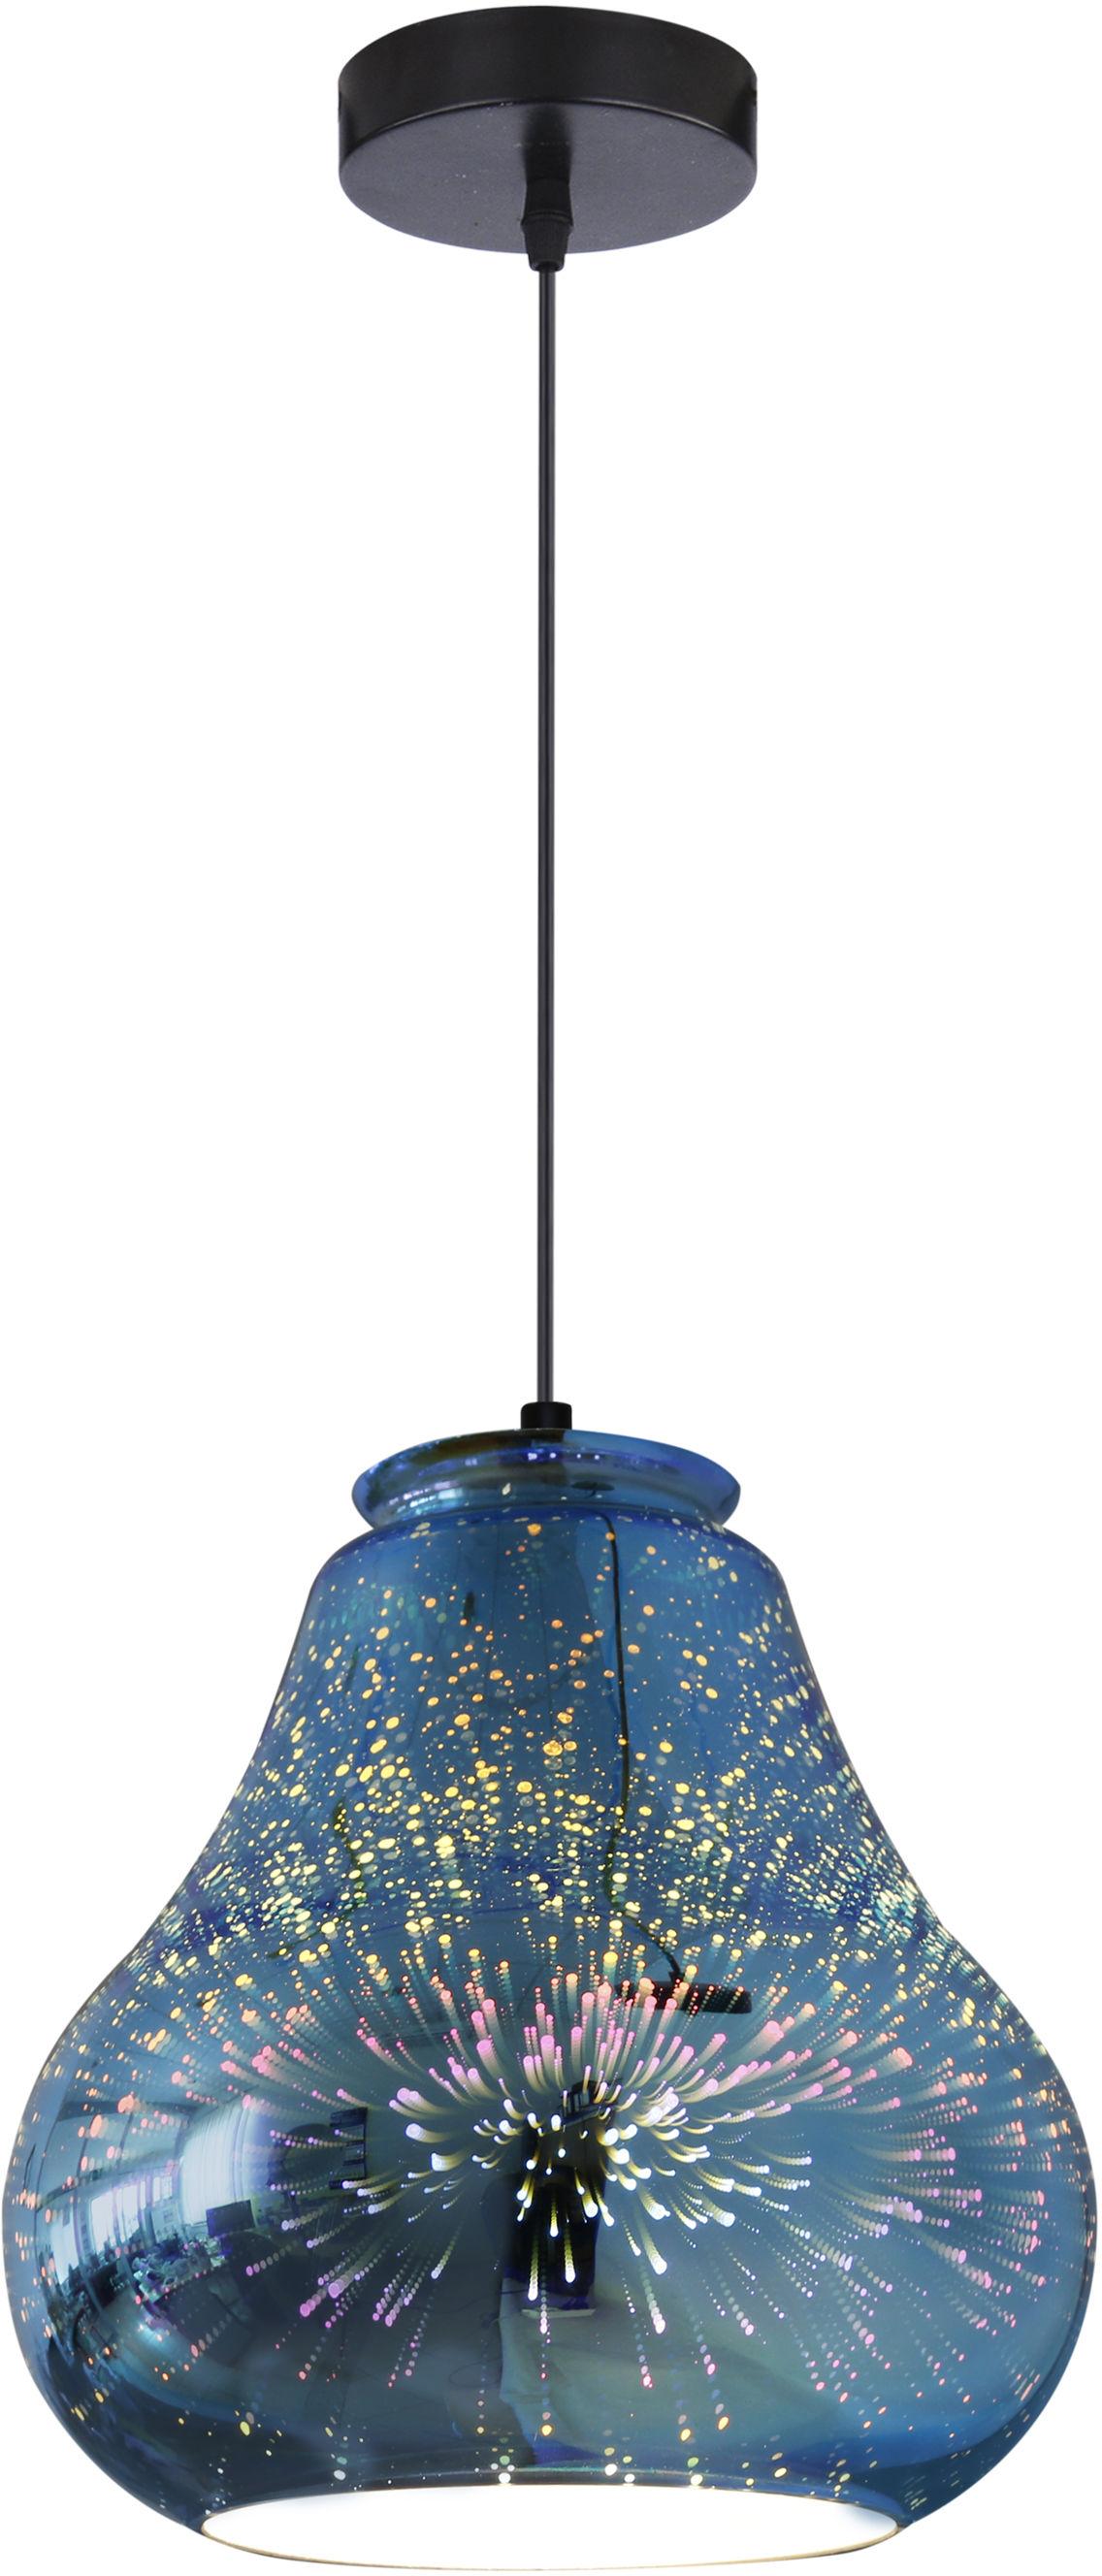 Candellux GALACTIC 4 31-56108 lampa wisząca klosz powlekany warstwą dekoracyjną 1X60W E27 3D 19 cm